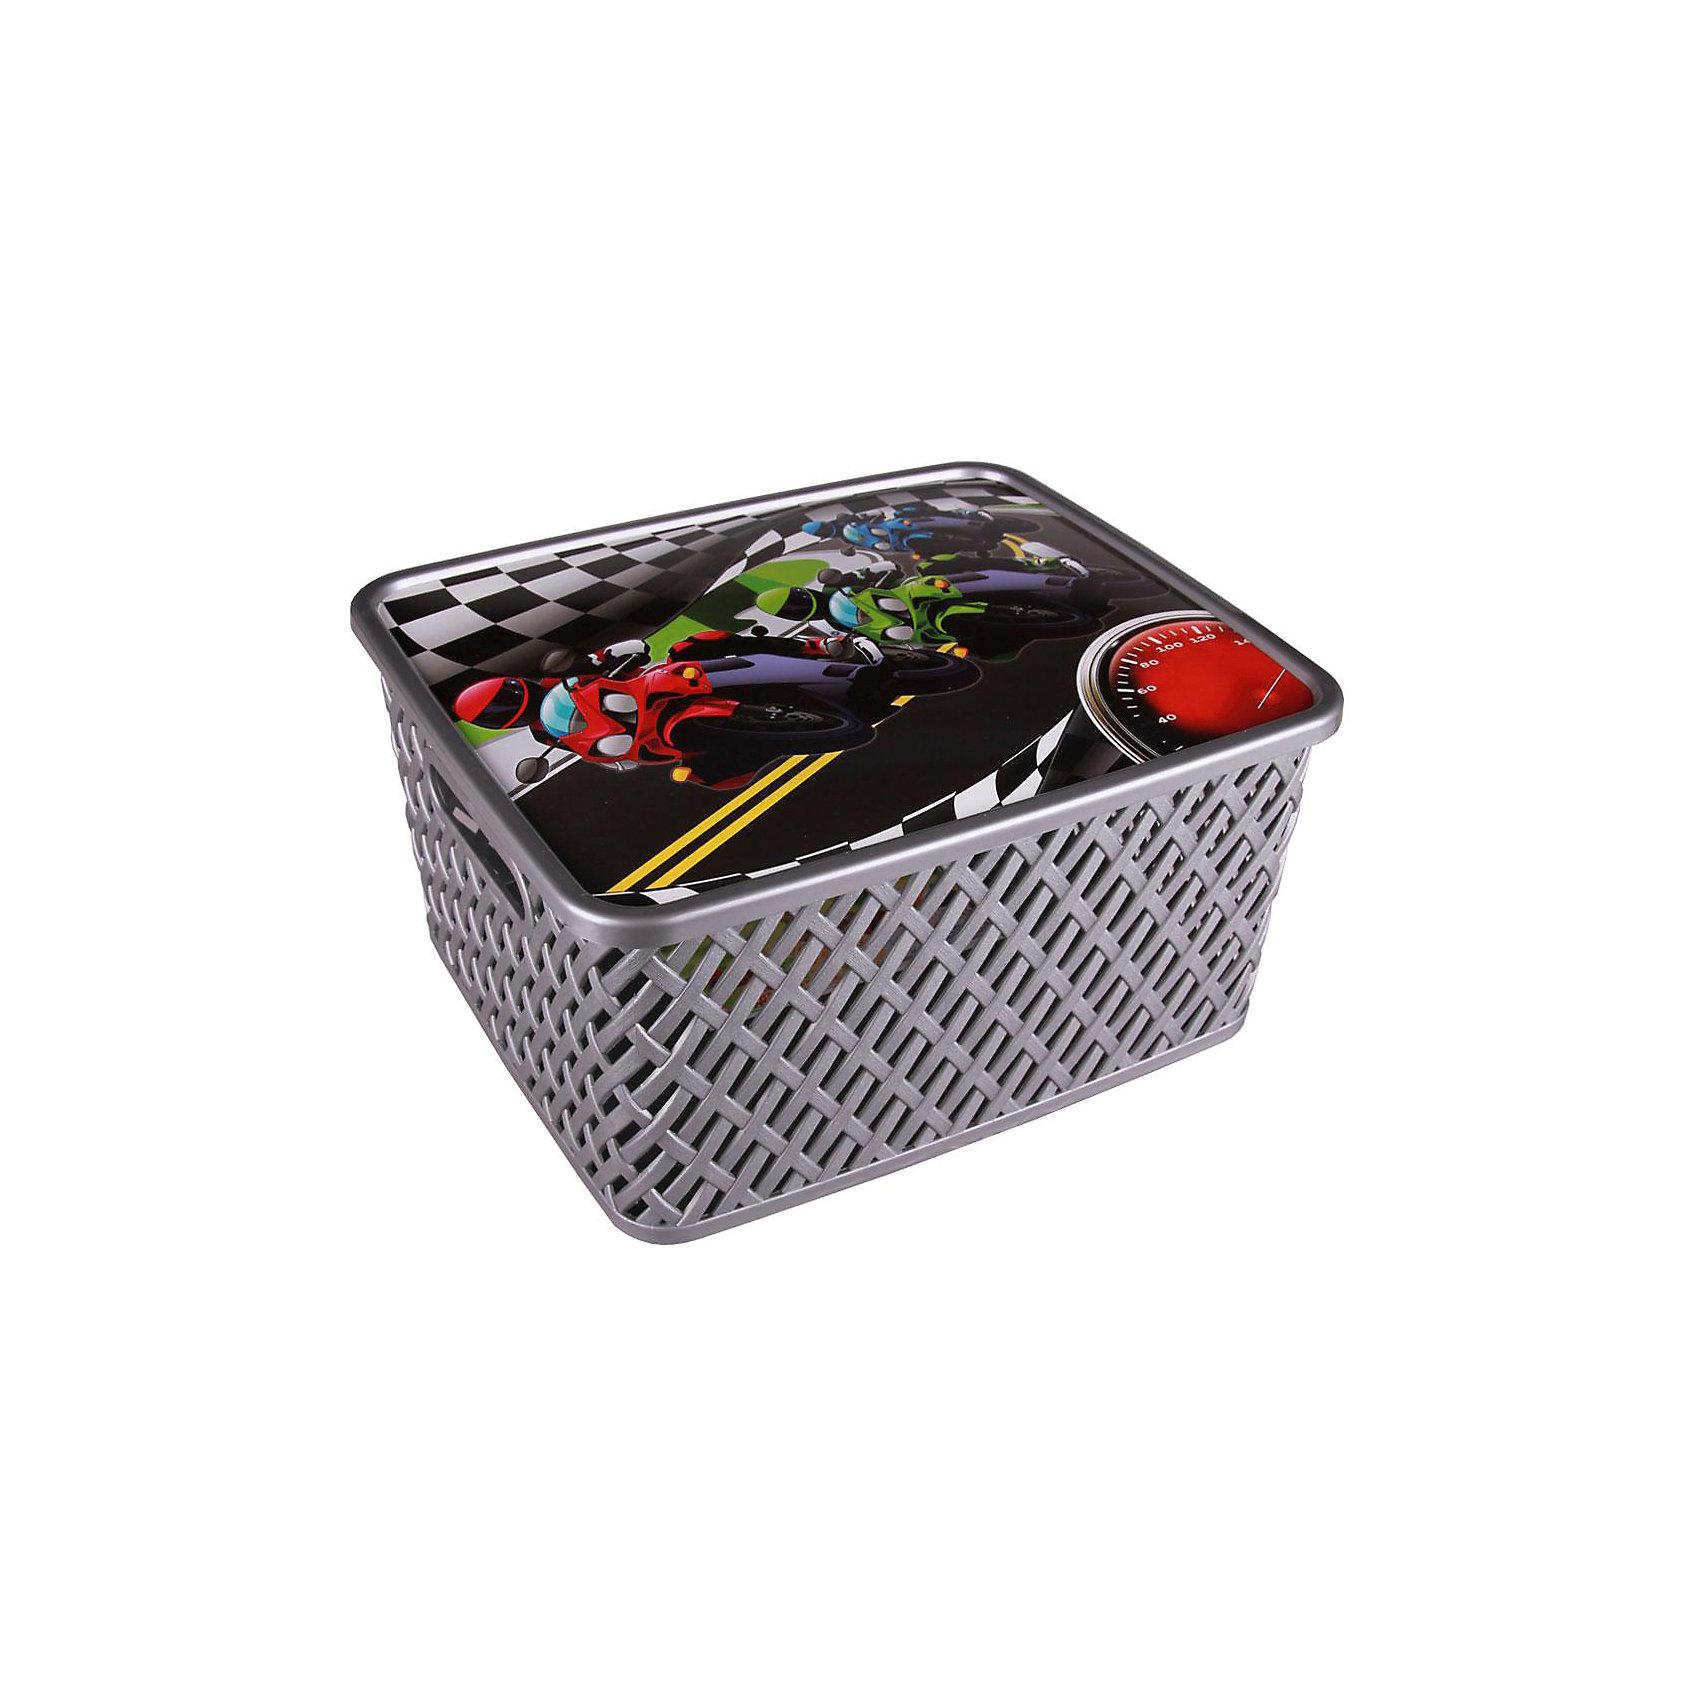 Корзина универс. Лидер с крыш.,  Alternativa, мал.Универсальная плетеная корзина Лидер изготовлена из качественного пластика, закрывается крышкой с изображением гонок. В ней будет удобно хранить различные мелочи или игрушки.<br><br>Дополнительная информация:<br>Материал: пластик<br>Цвет: серебро<br>Размер: 35х29х17,5 см<br><br>Корзину Лидер вы можете приобрести в нашем интернет-магазине.<br><br>Ширина мм: 355<br>Глубина мм: 300<br>Высота мм: 175<br>Вес г: 626<br>Возраст от месяцев: 36<br>Возраст до месяцев: 144<br>Пол: Унисекс<br>Возраст: Детский<br>SKU: 4979739